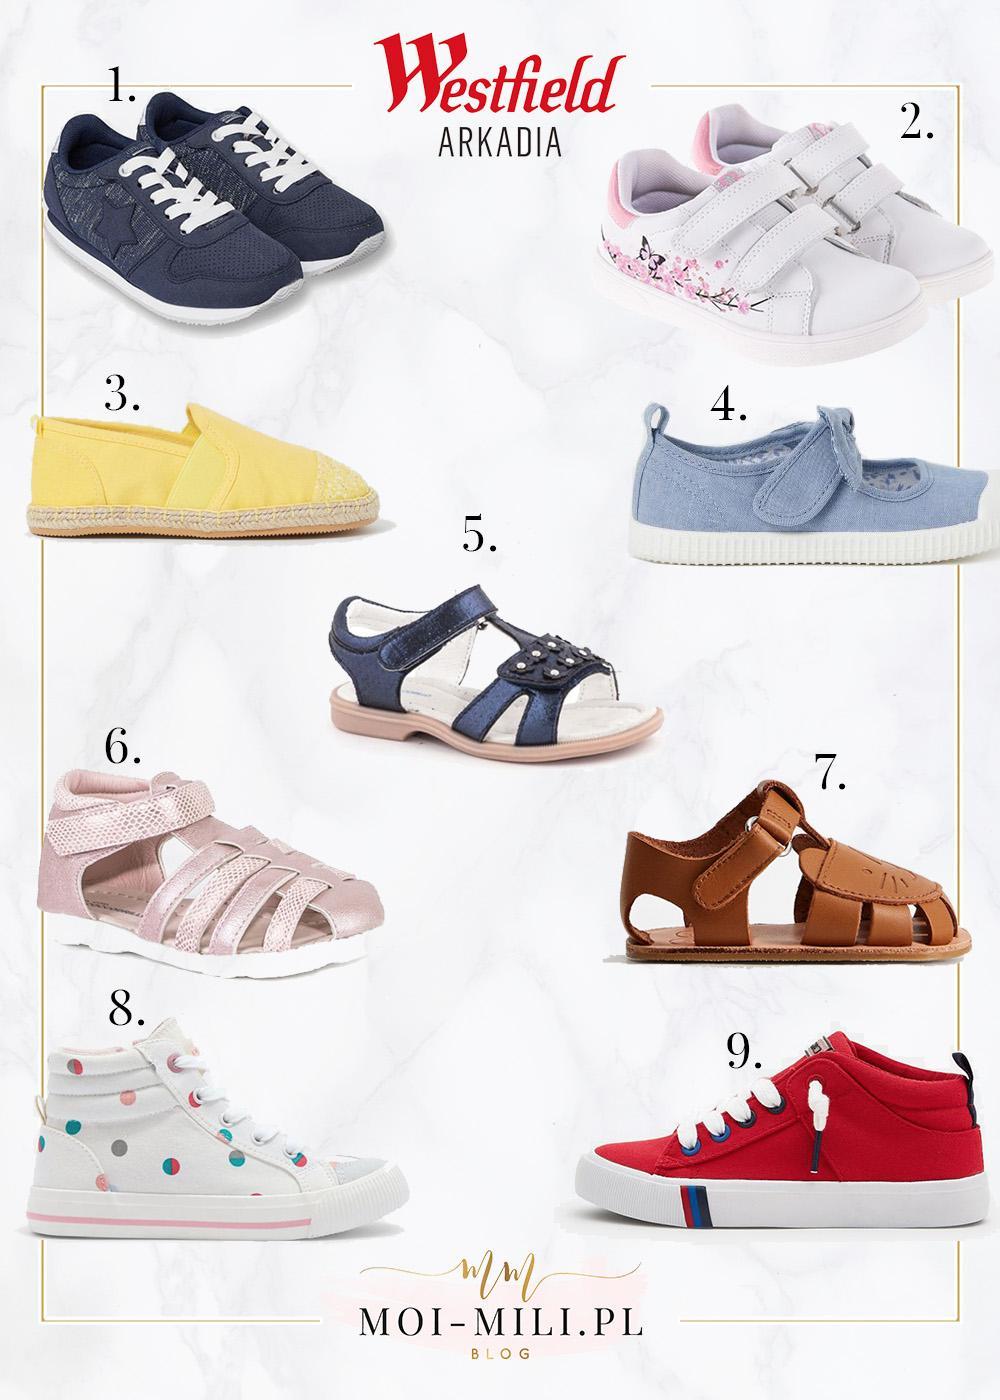 Wiosenne ubrania dla dzieci to nie wszystko, potrzebne będą jeszcze odpowiednie buty.